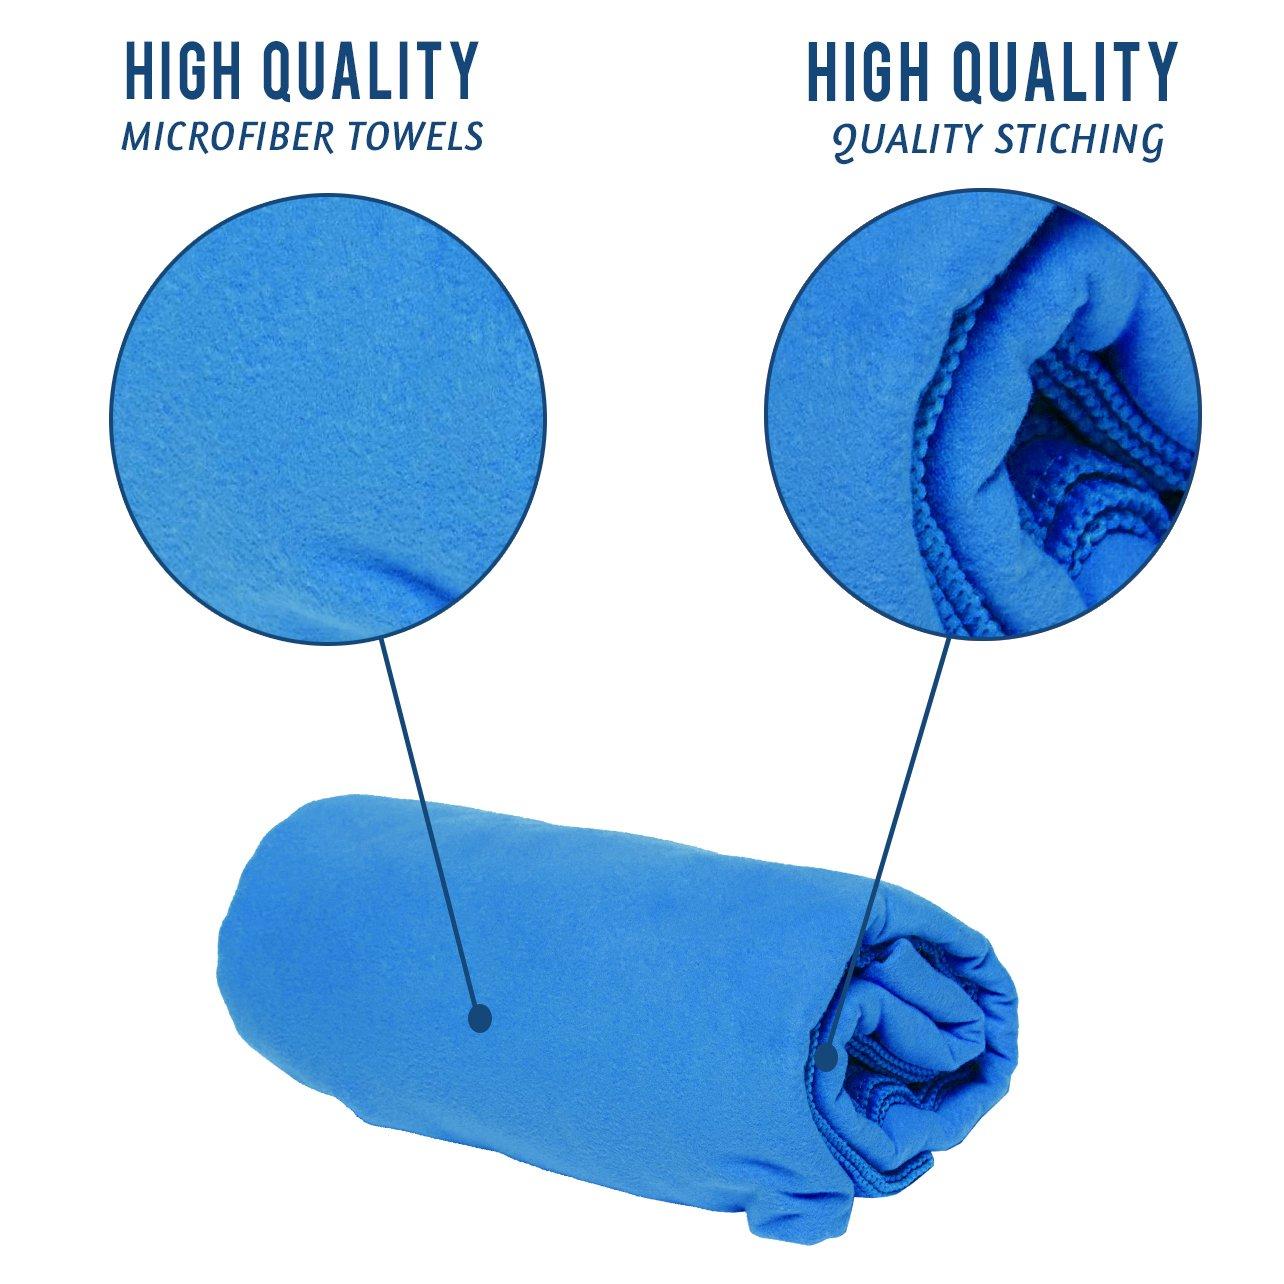 Premium Travel Towel   Microfiber Towel Perfect Sports,Travel Beach Towel Travel towel (blue)